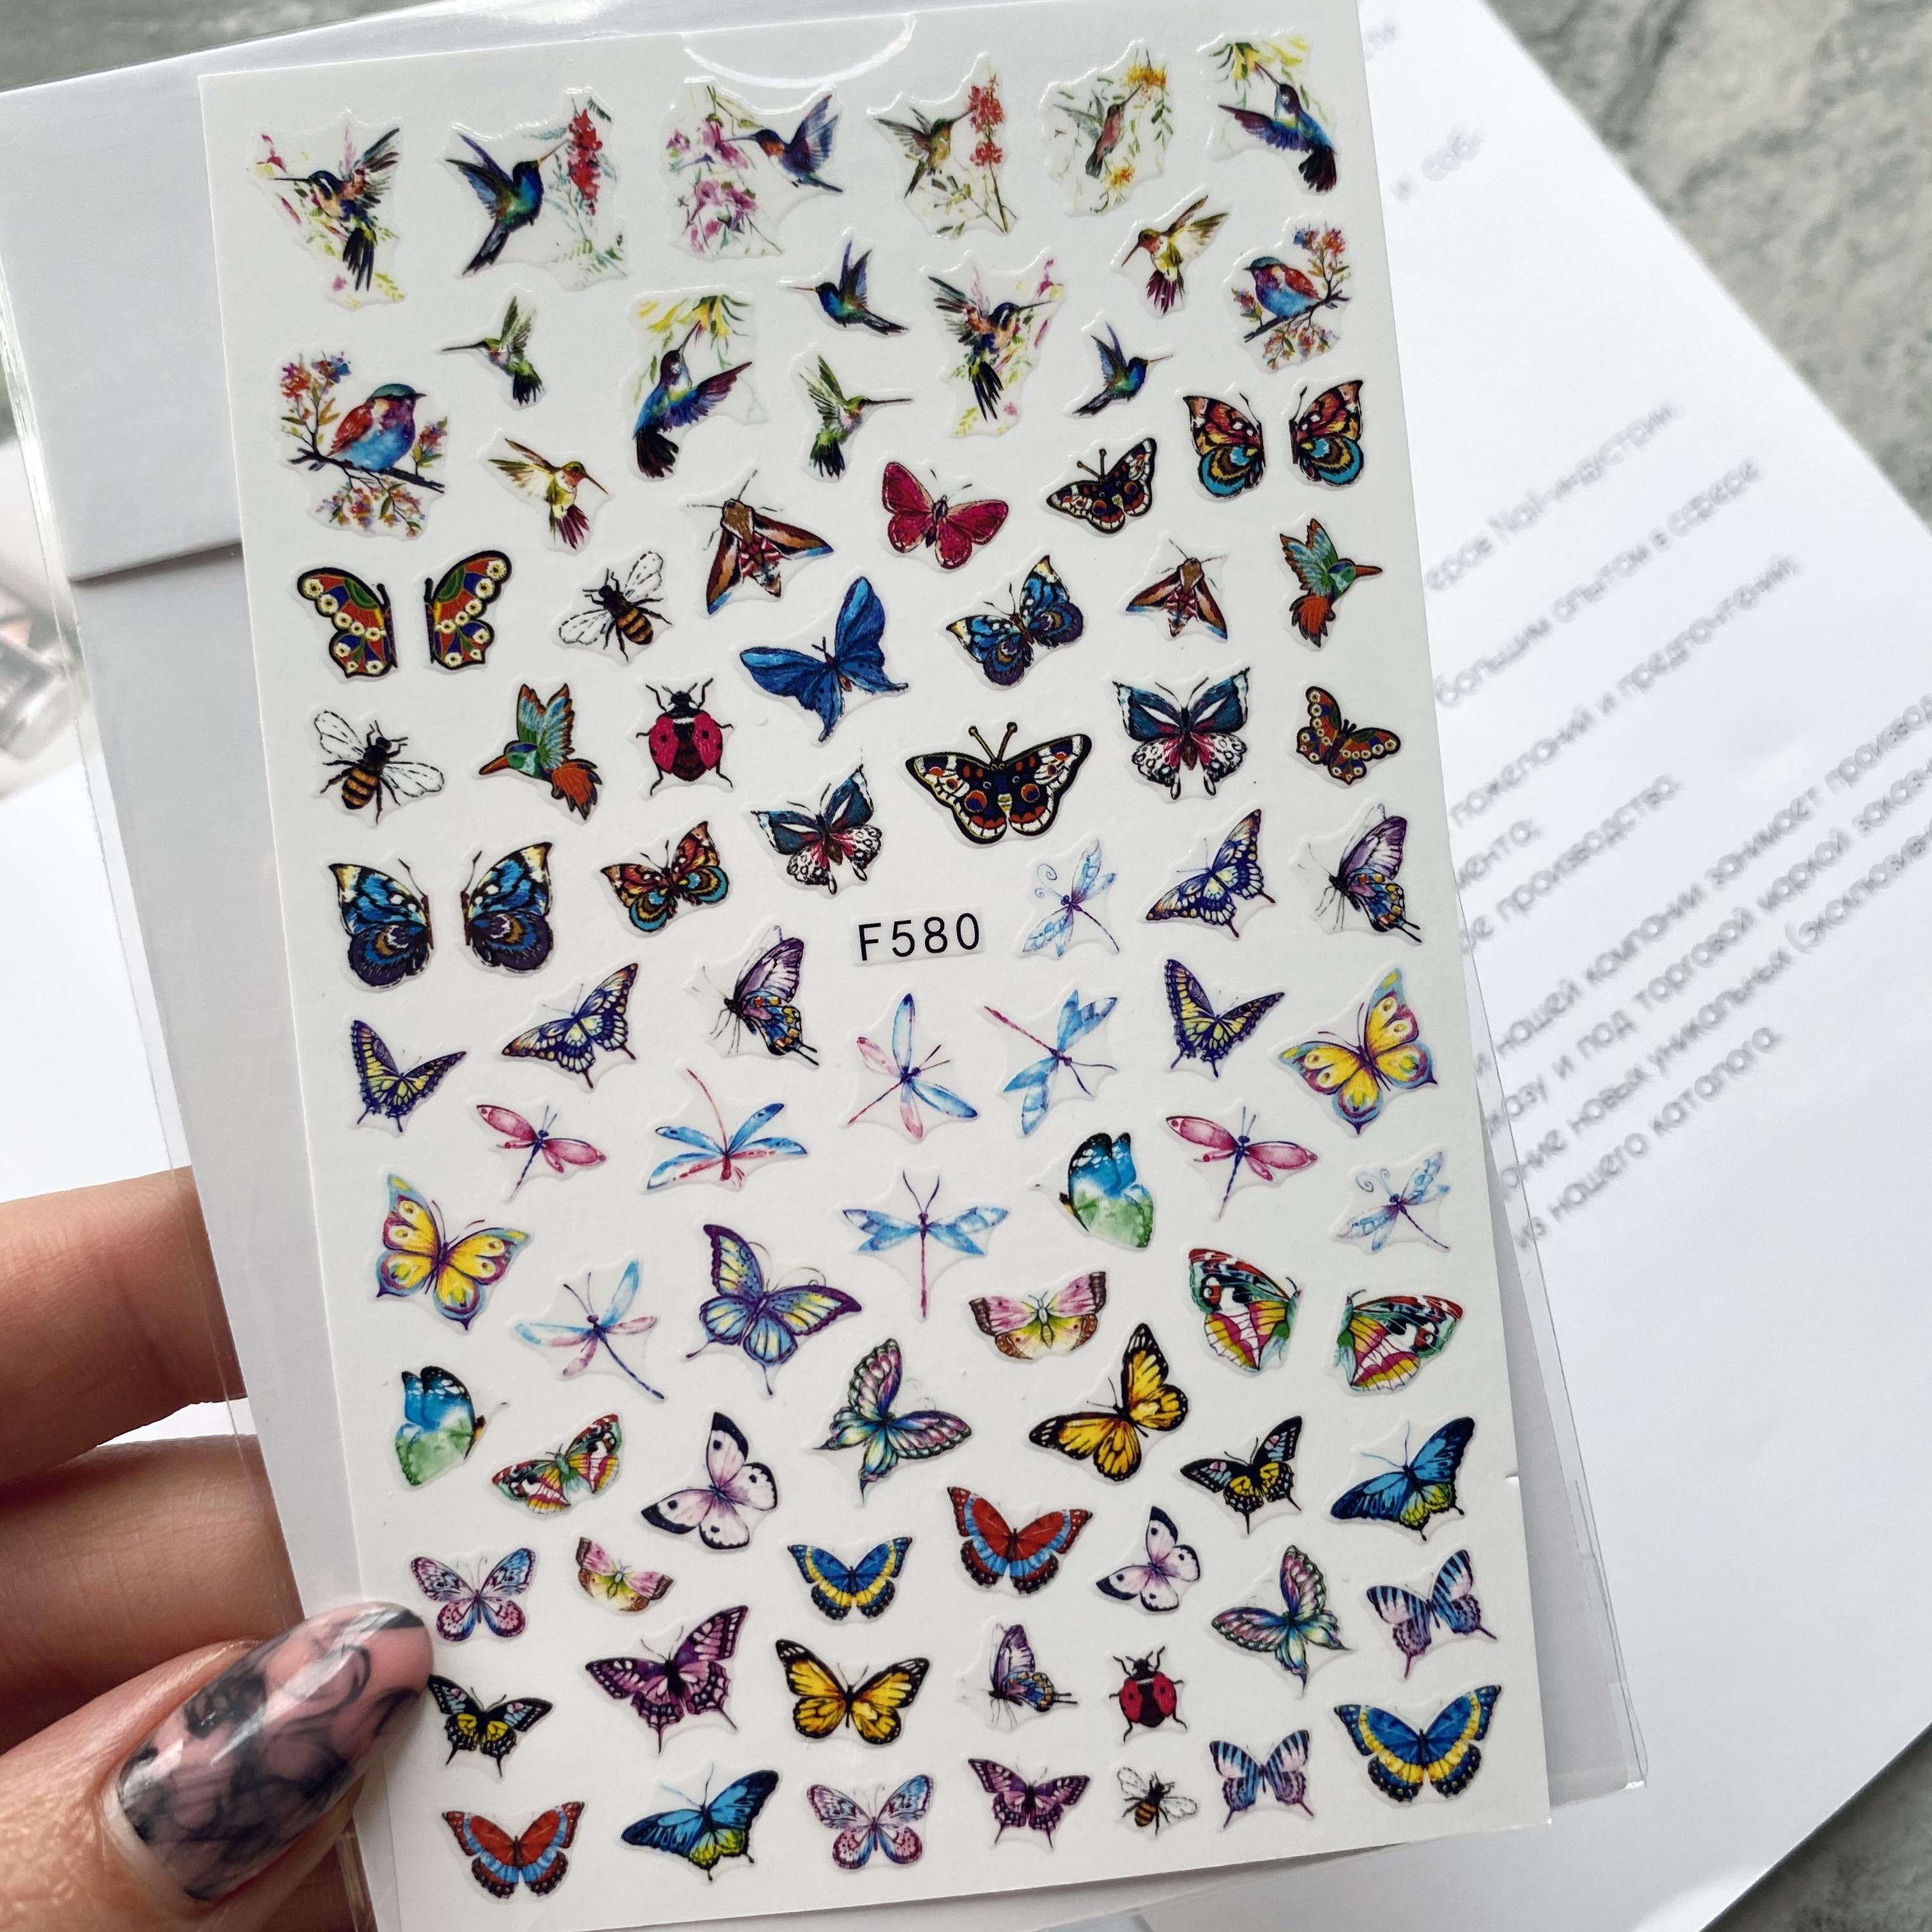 Наклейки для дизайна F 580 бабочки